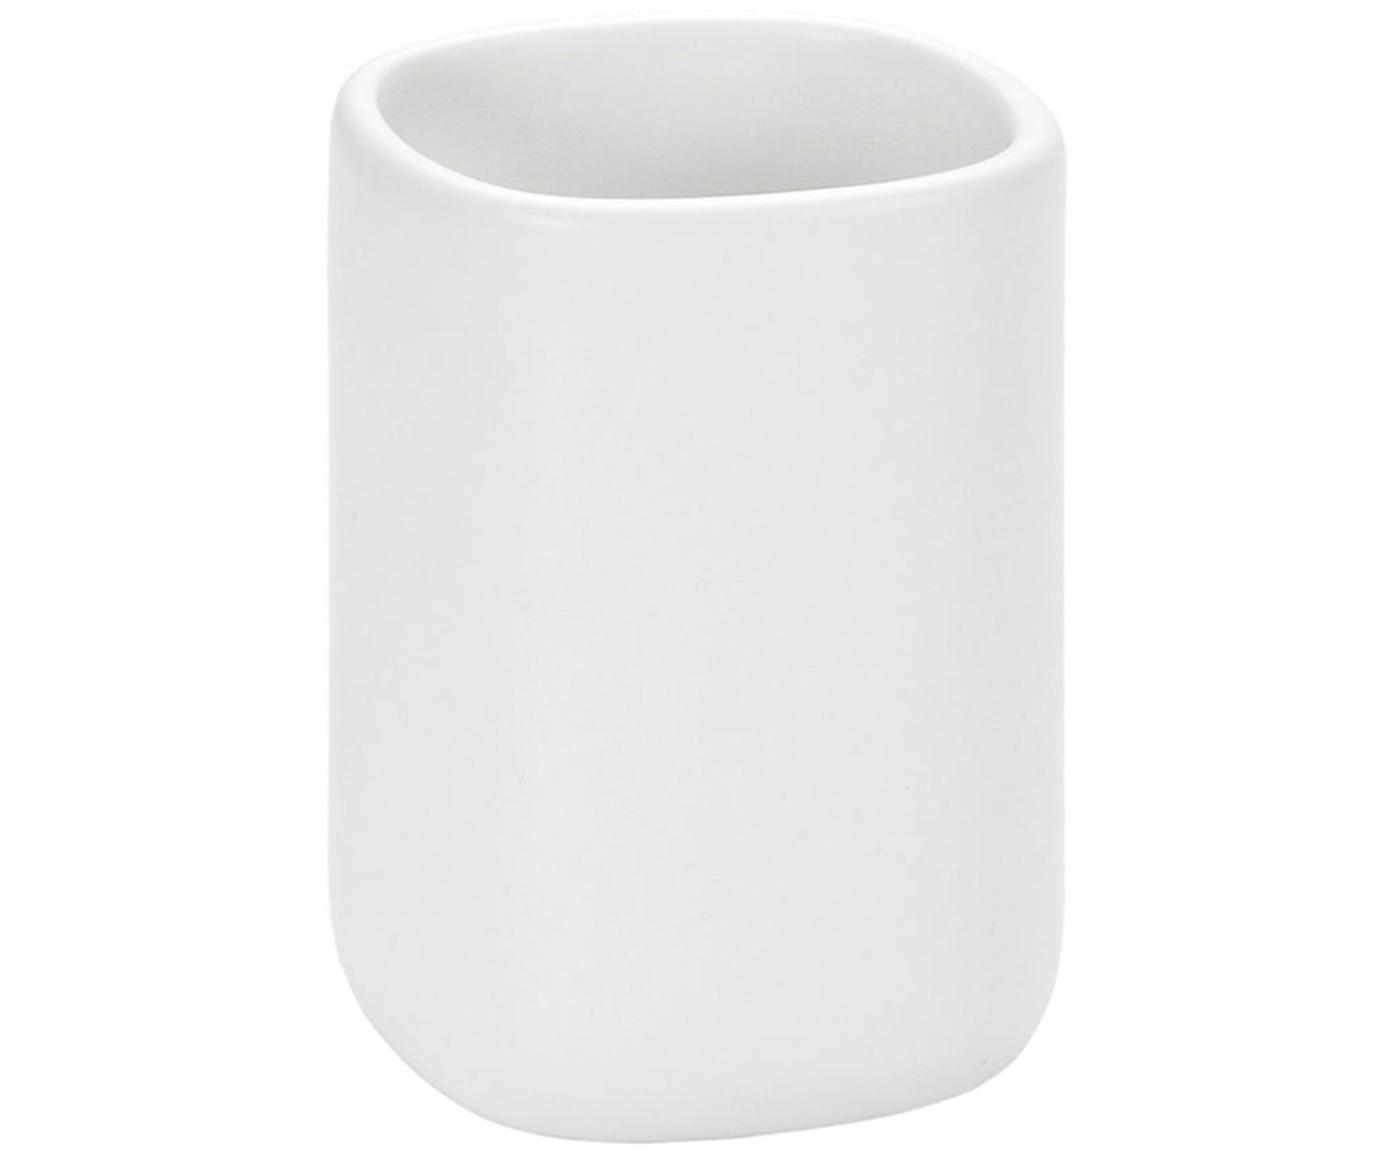 Kubek na szczoteczki Wili, Ceramika, Biały, Ø 7 x W 11 cm